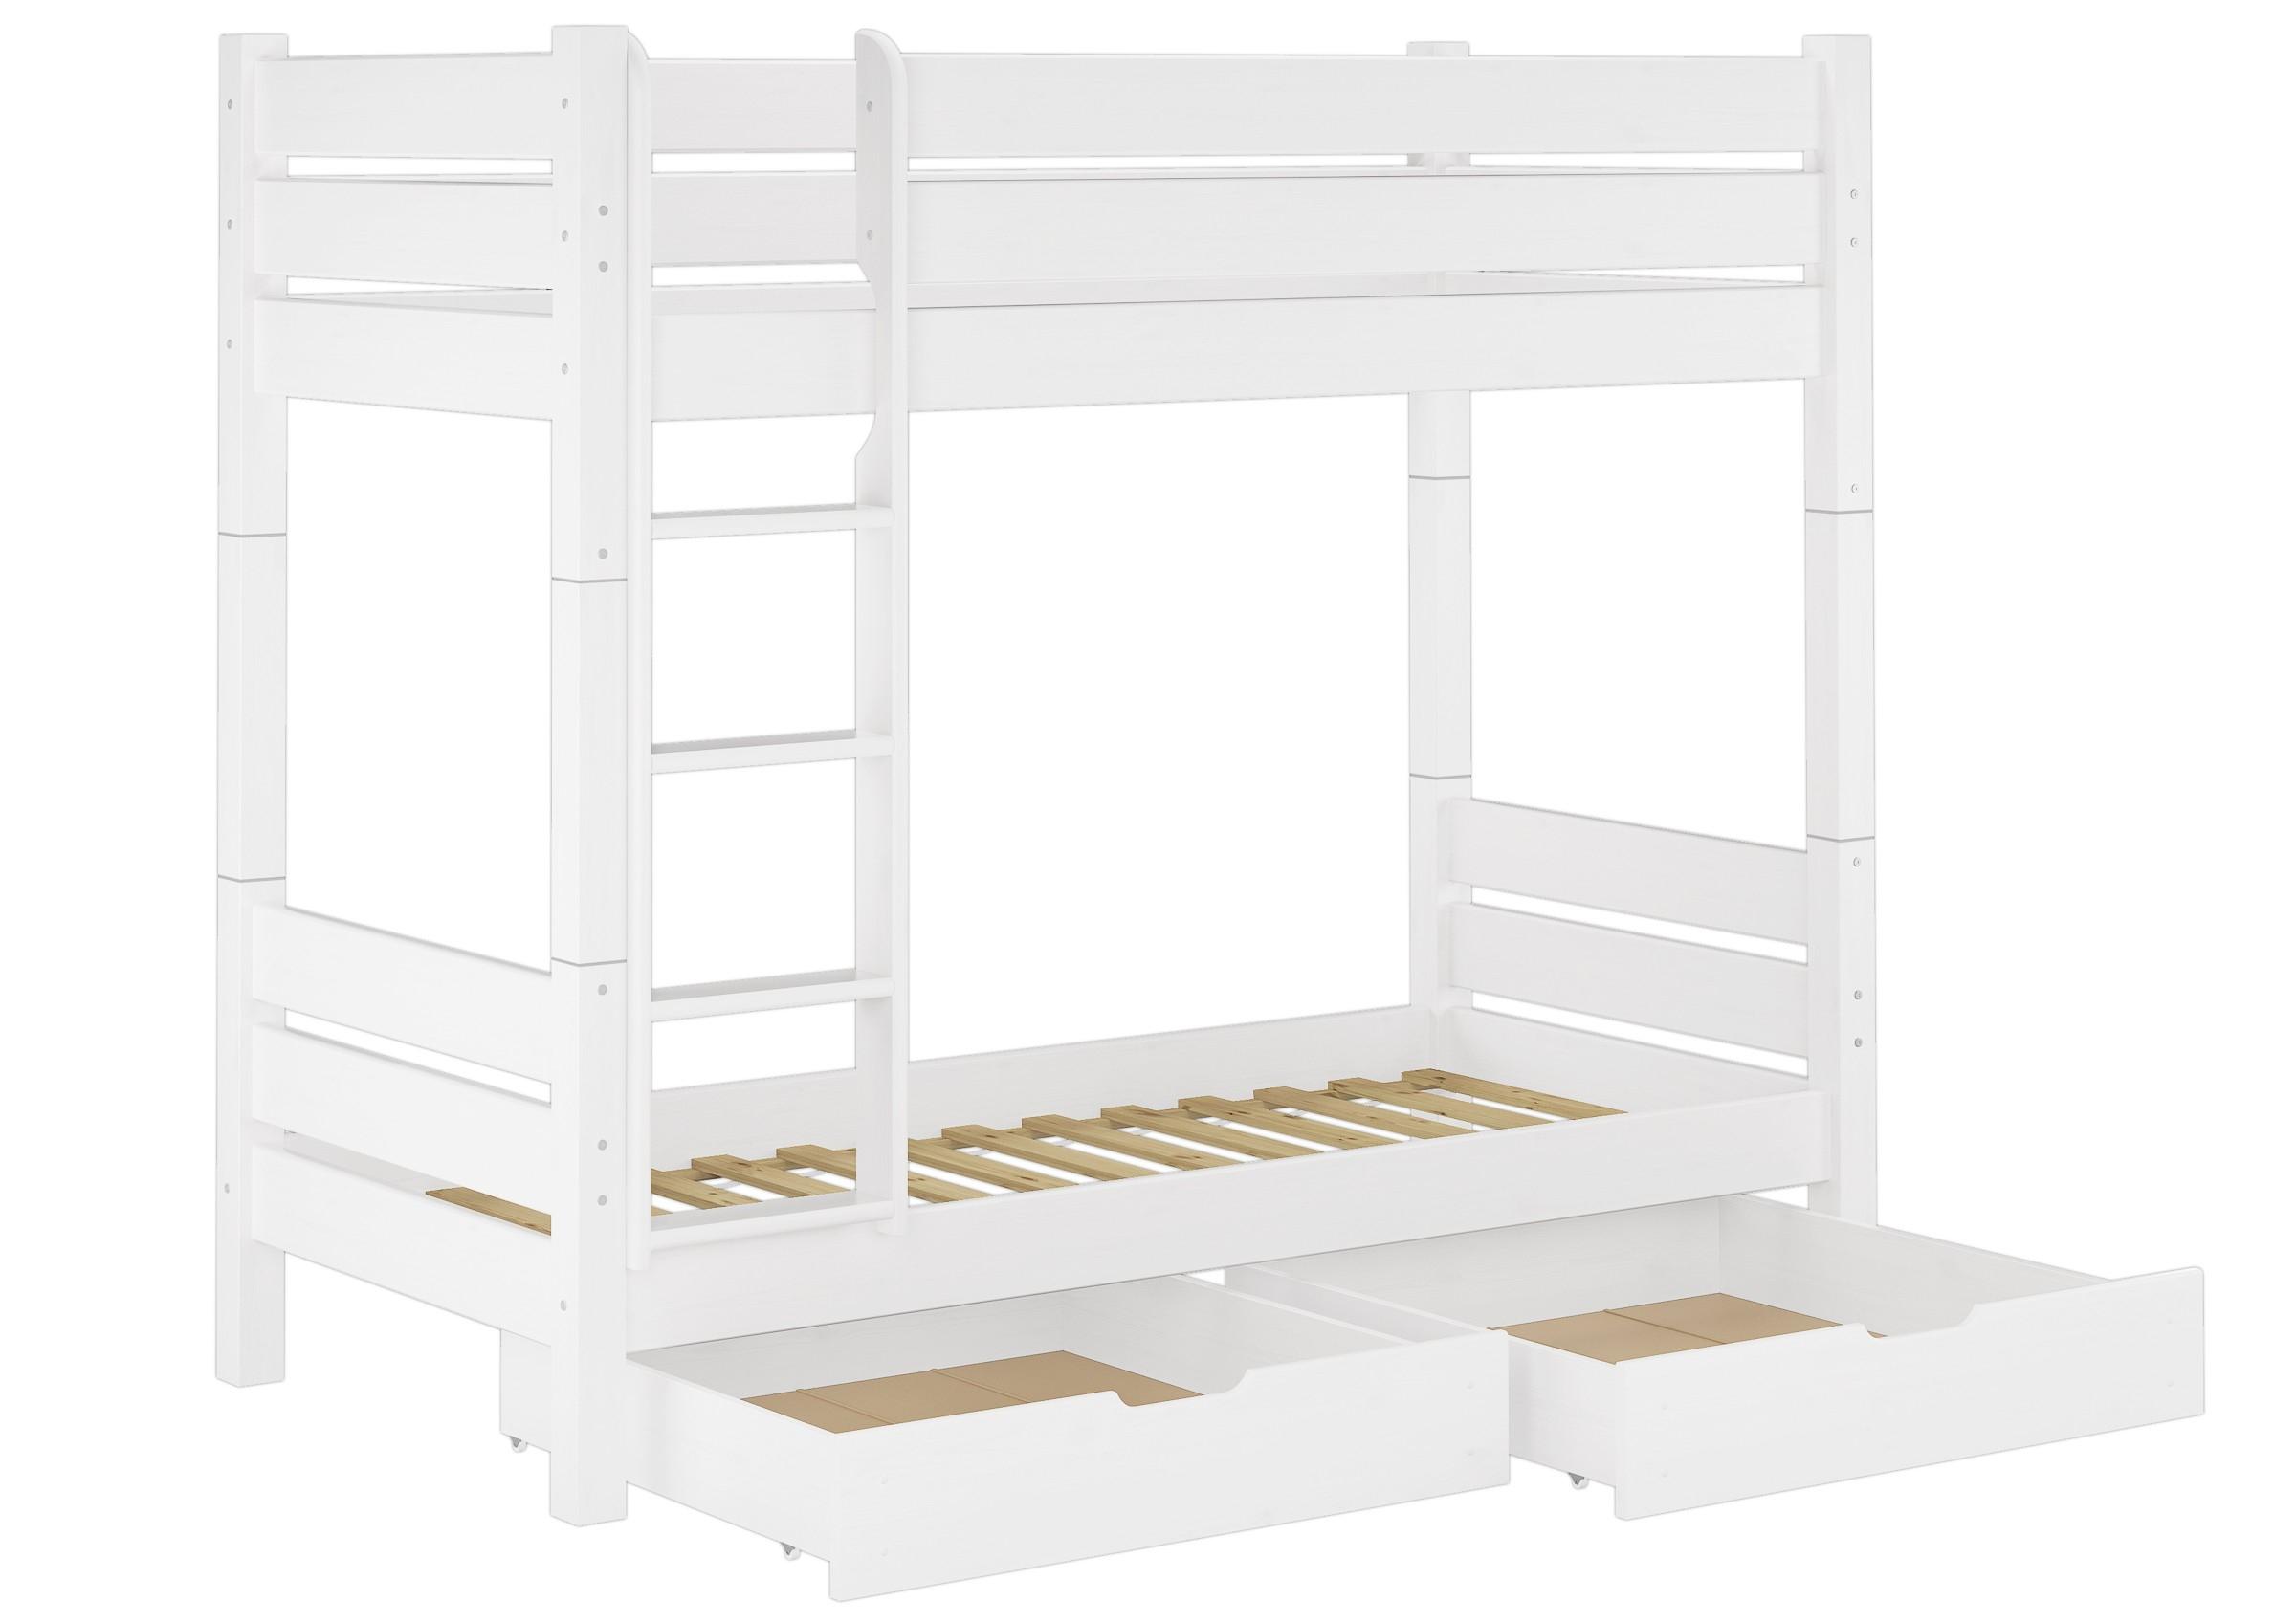 Etagenbett Erwachsene 100x200 : Etagenbett für erwachsene kiefer weiß 100x200 teilbar 2 rollroste